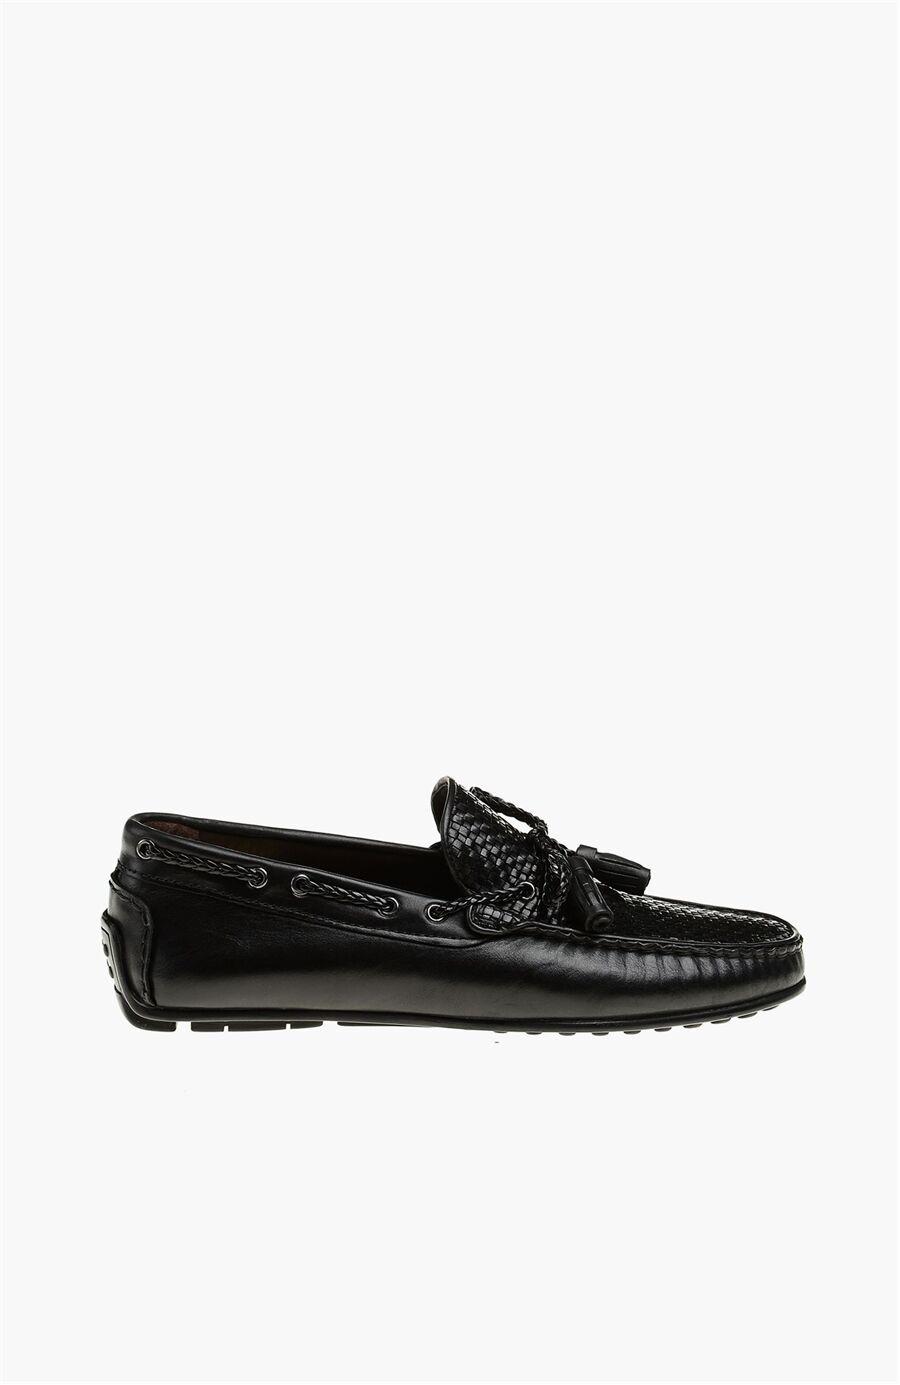 George Hogg Siyah Loafer – 699.0 TL